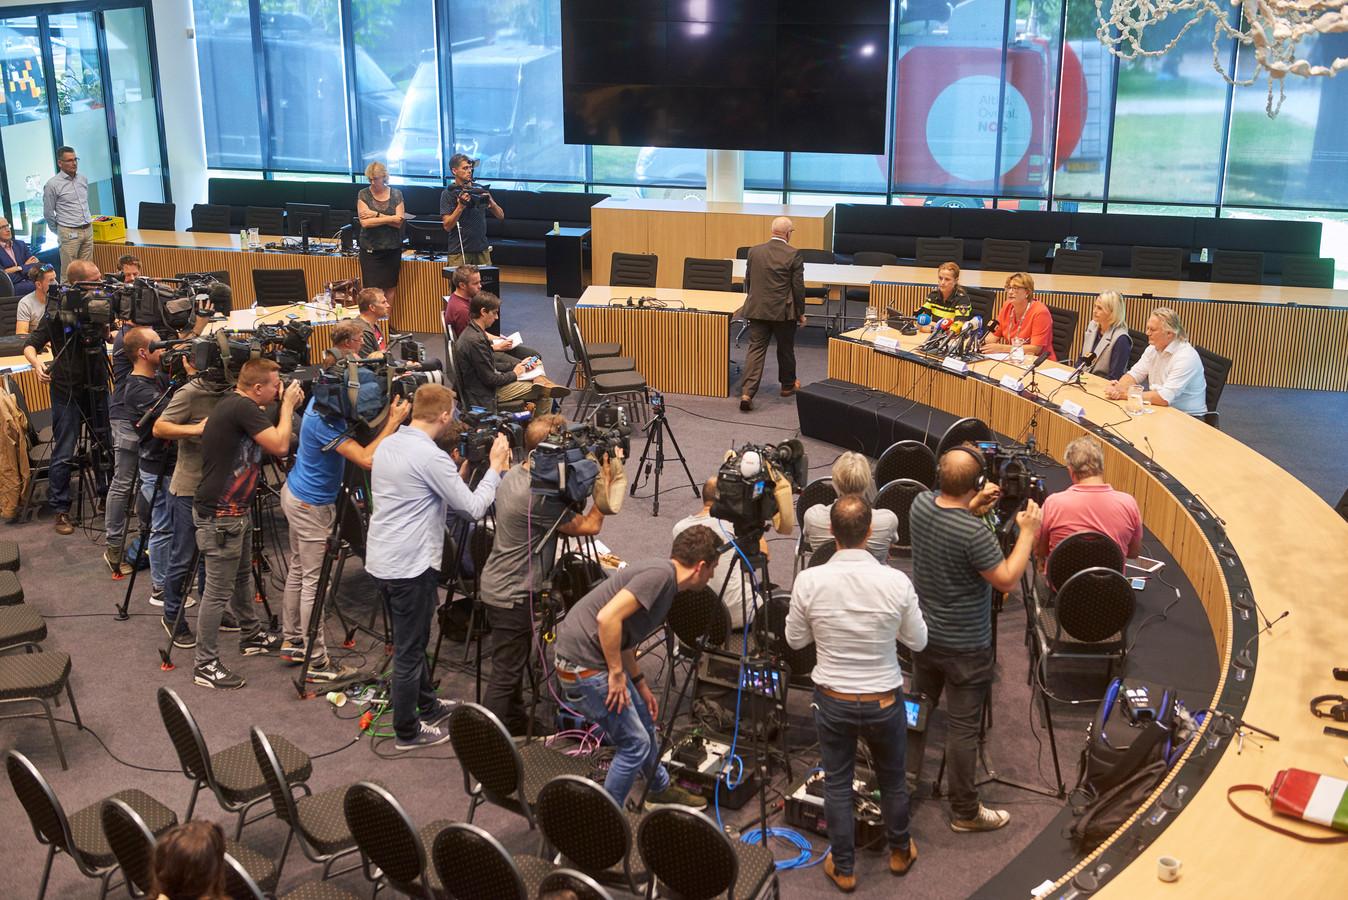 Ruime aandacht van de pers voor de persconferentie over het spoordrama.